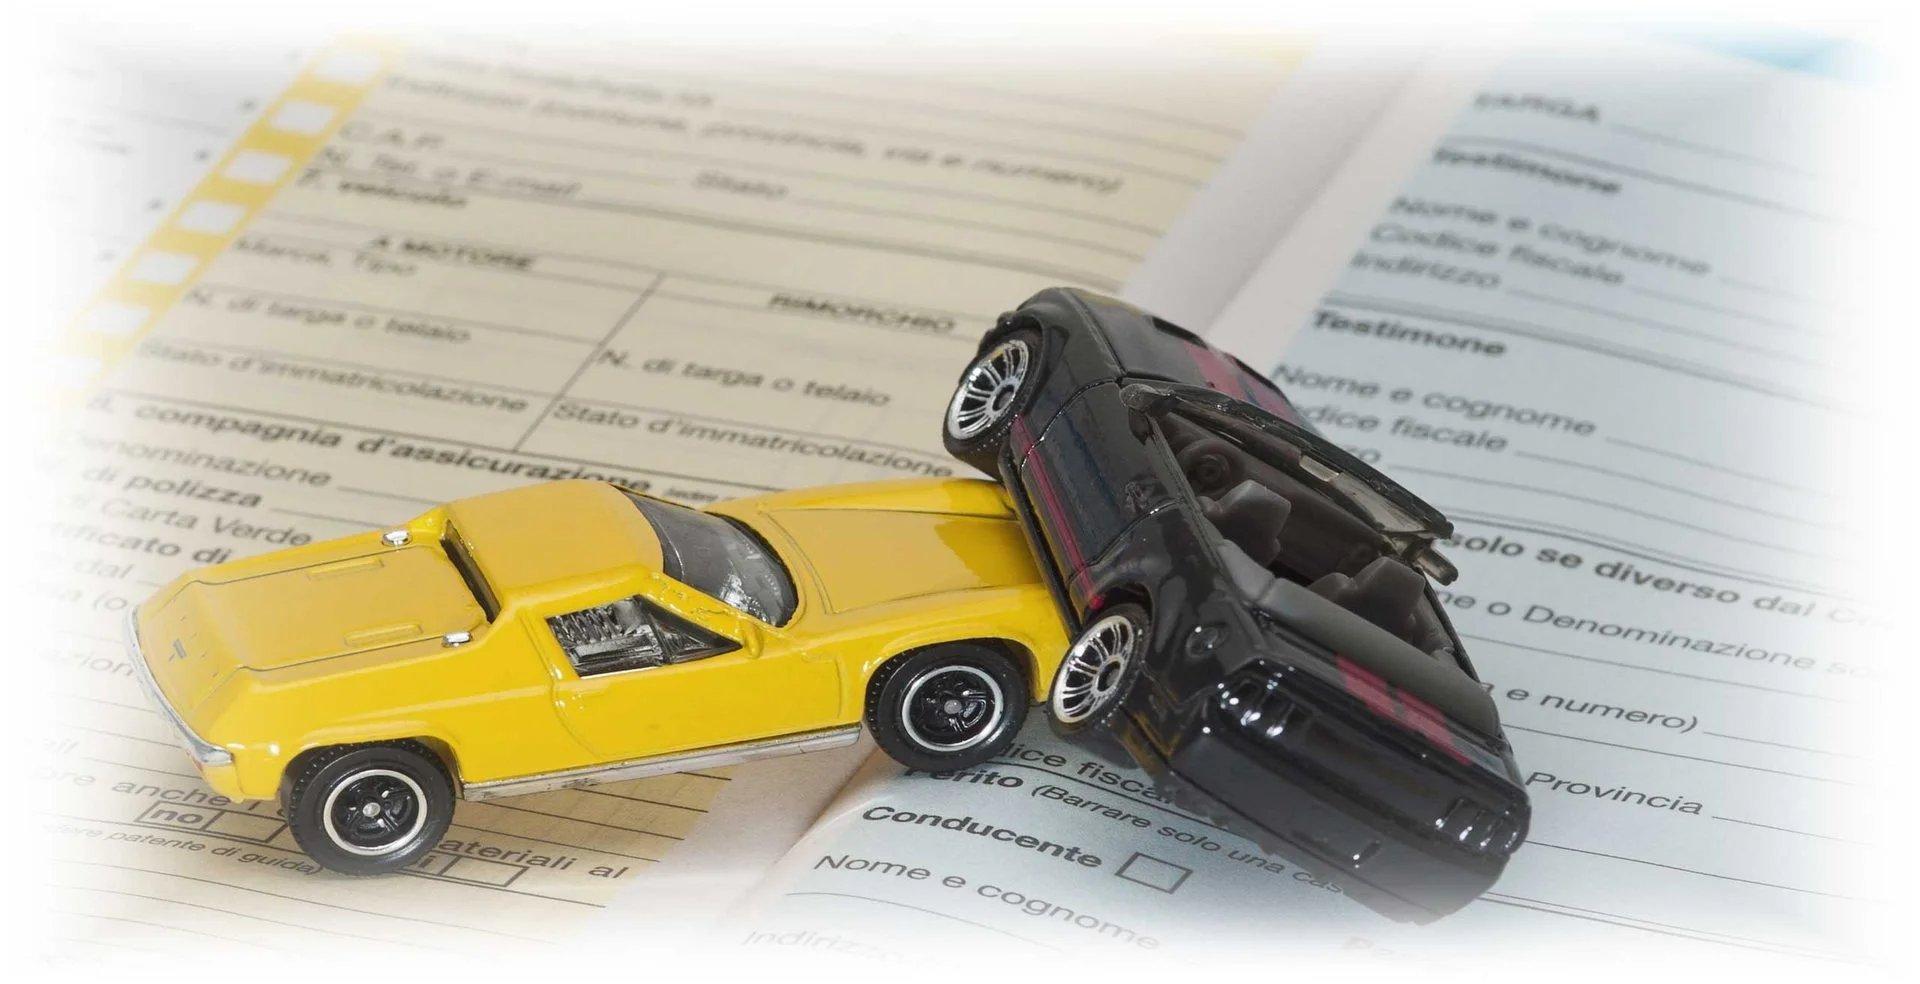 Avvocato per infortunistica stradale: affidati a noi per ottenere il massimo risarcimento possibile dei danni fisici e materiali